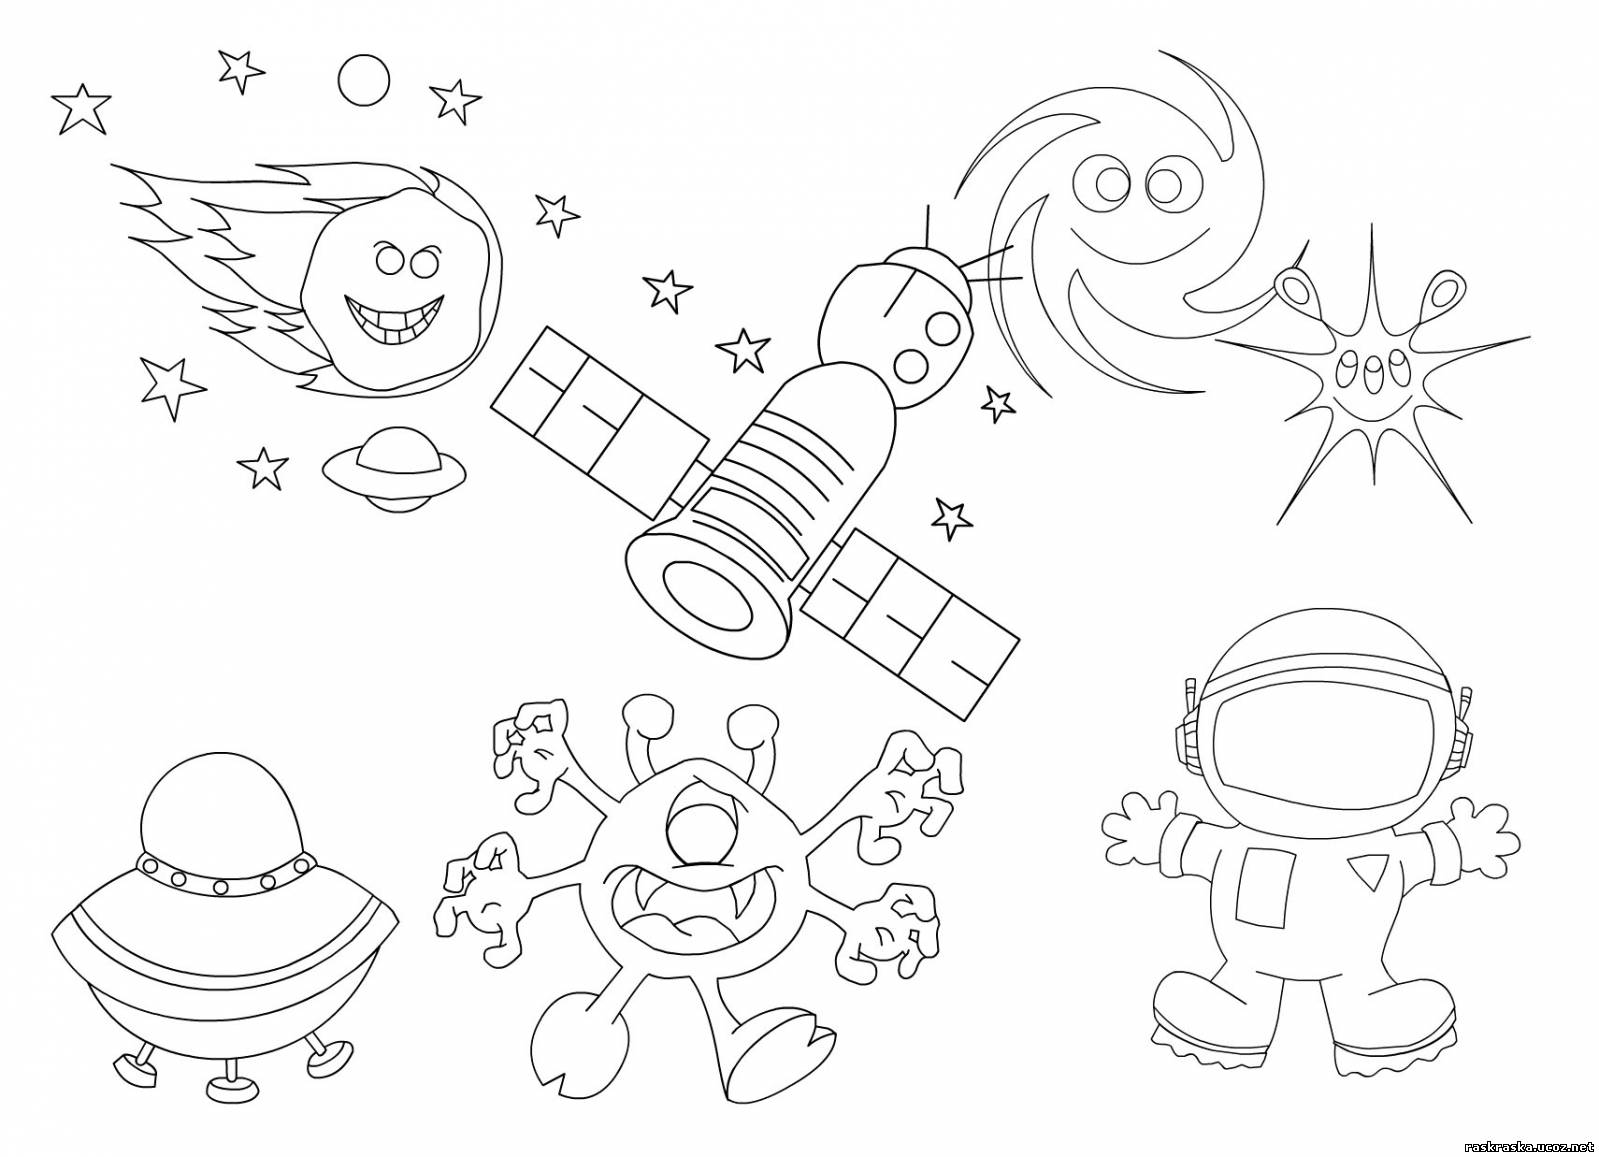 Раскраска космос - Разные раскраски - Разукрашки и ...